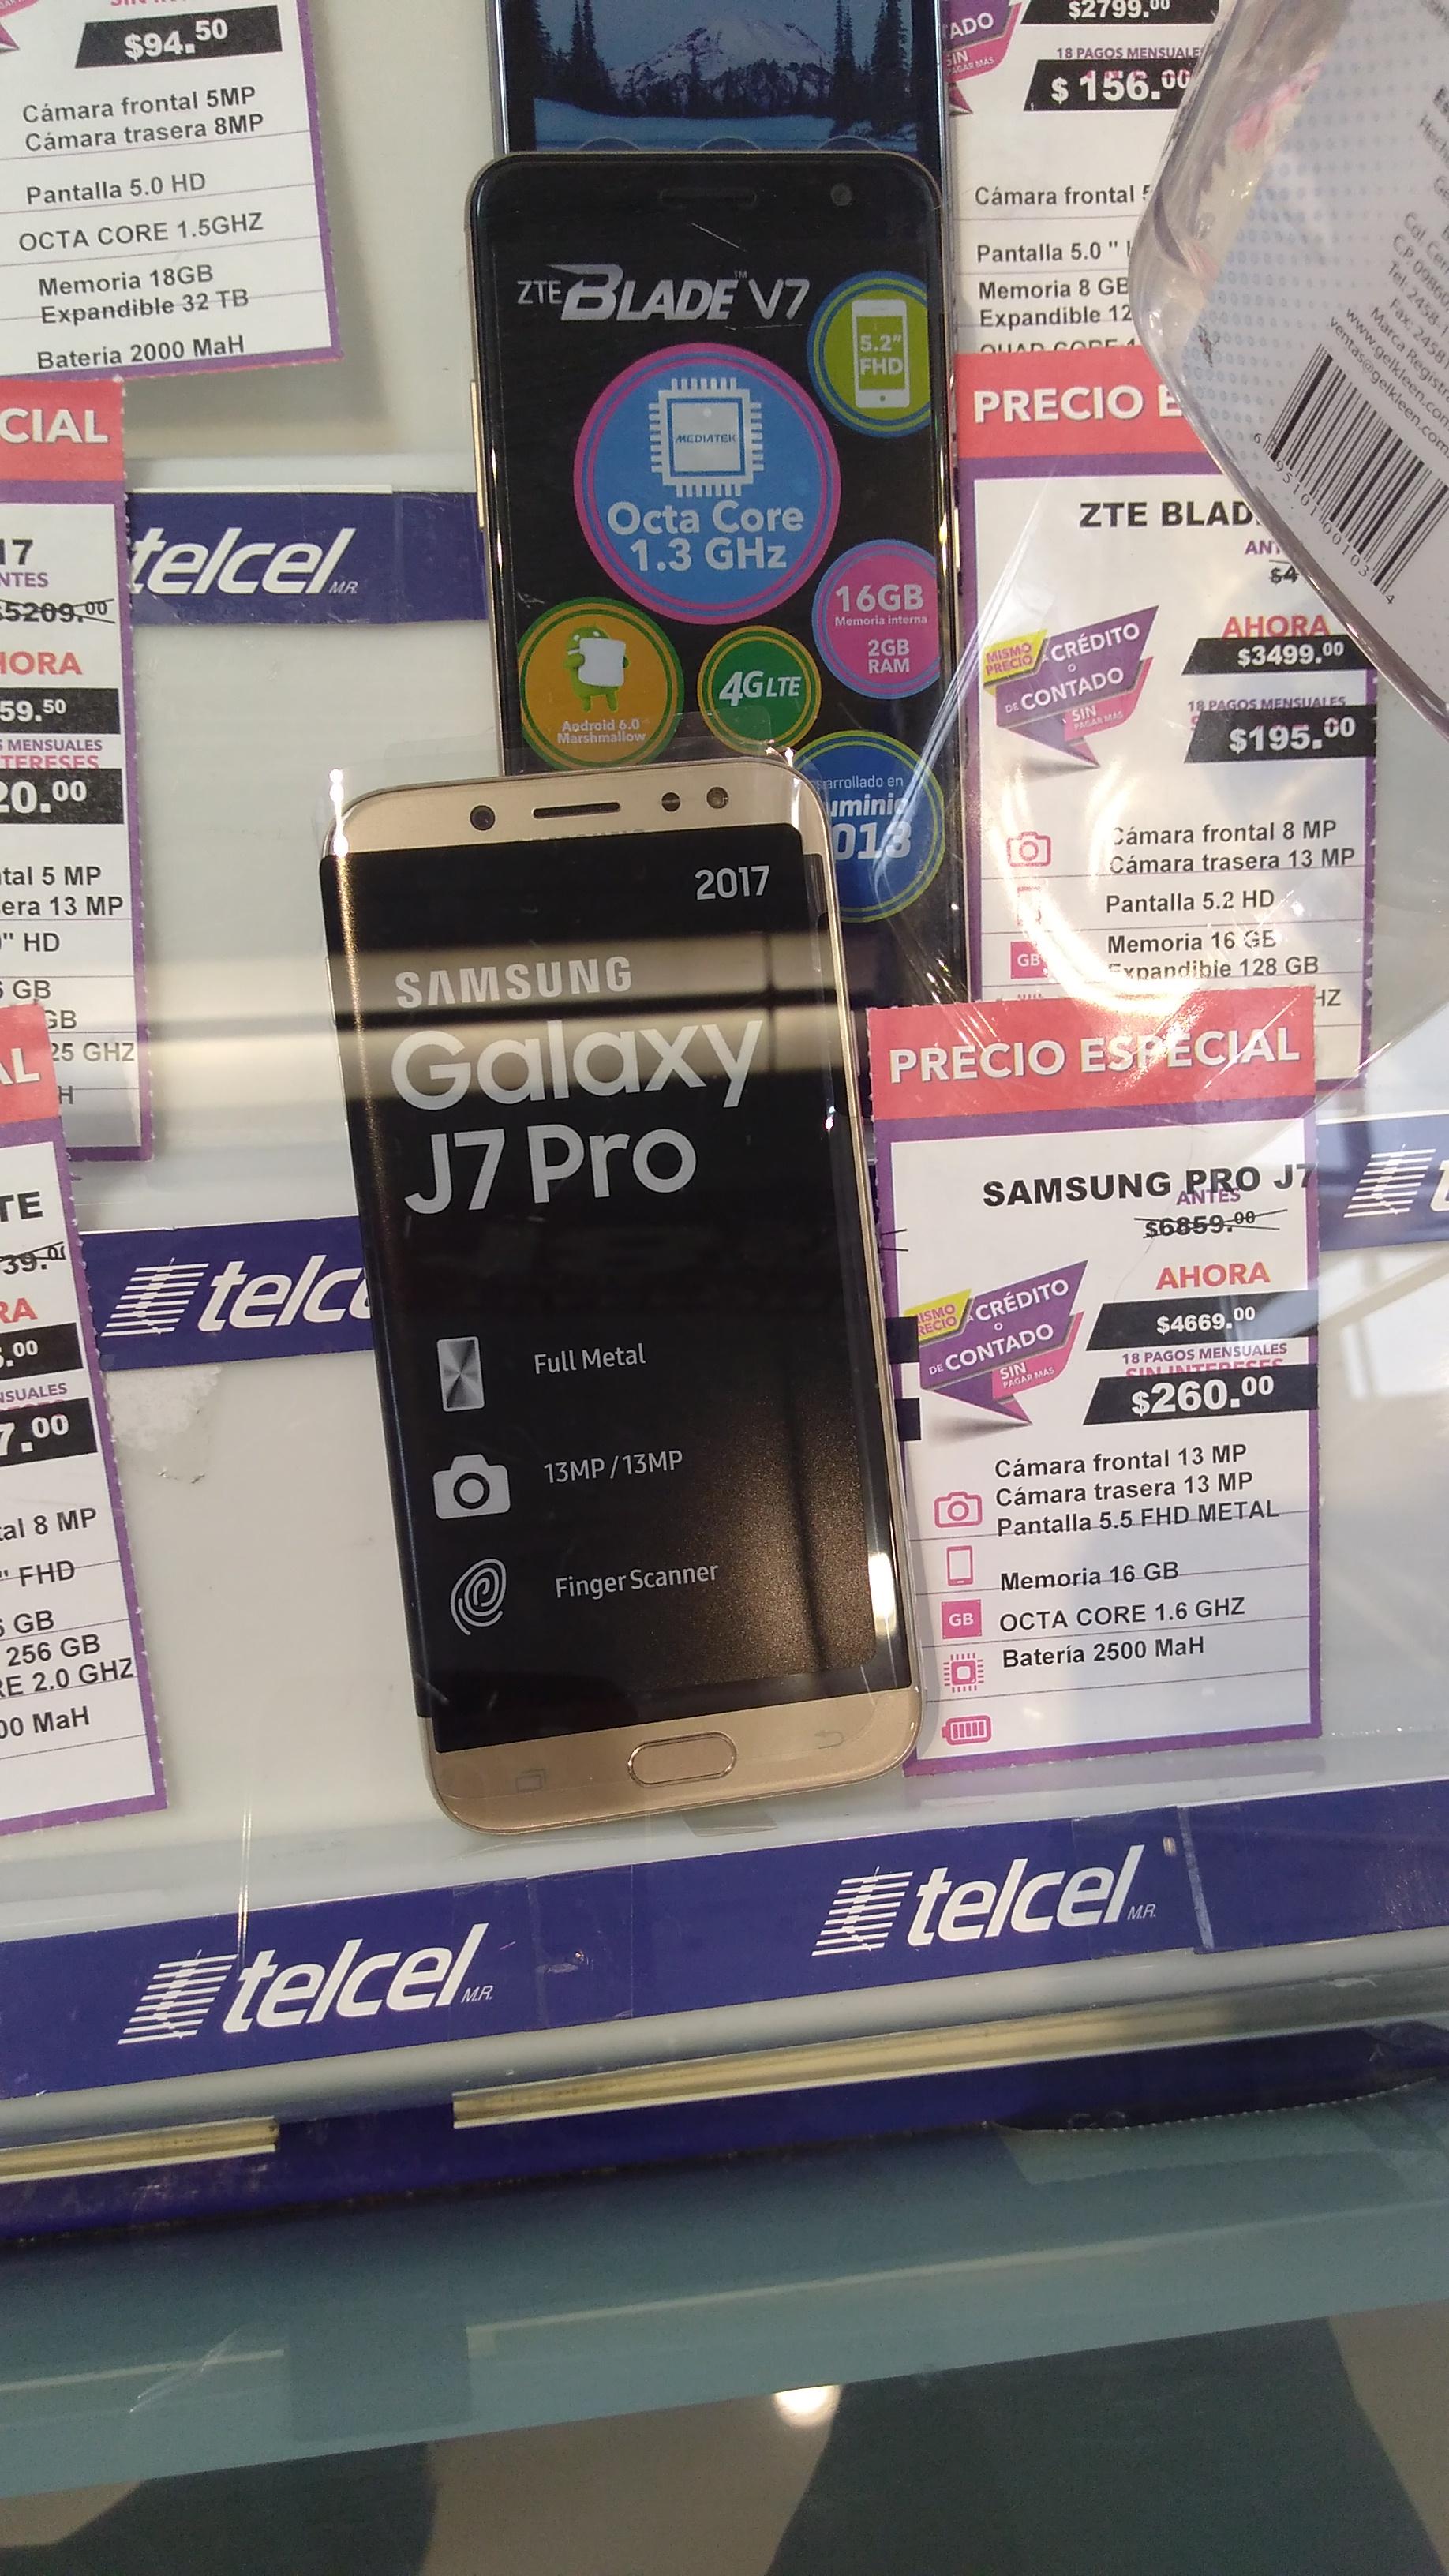 Suburbia: Líquidación Galaxy J7 PRO $4,669.00